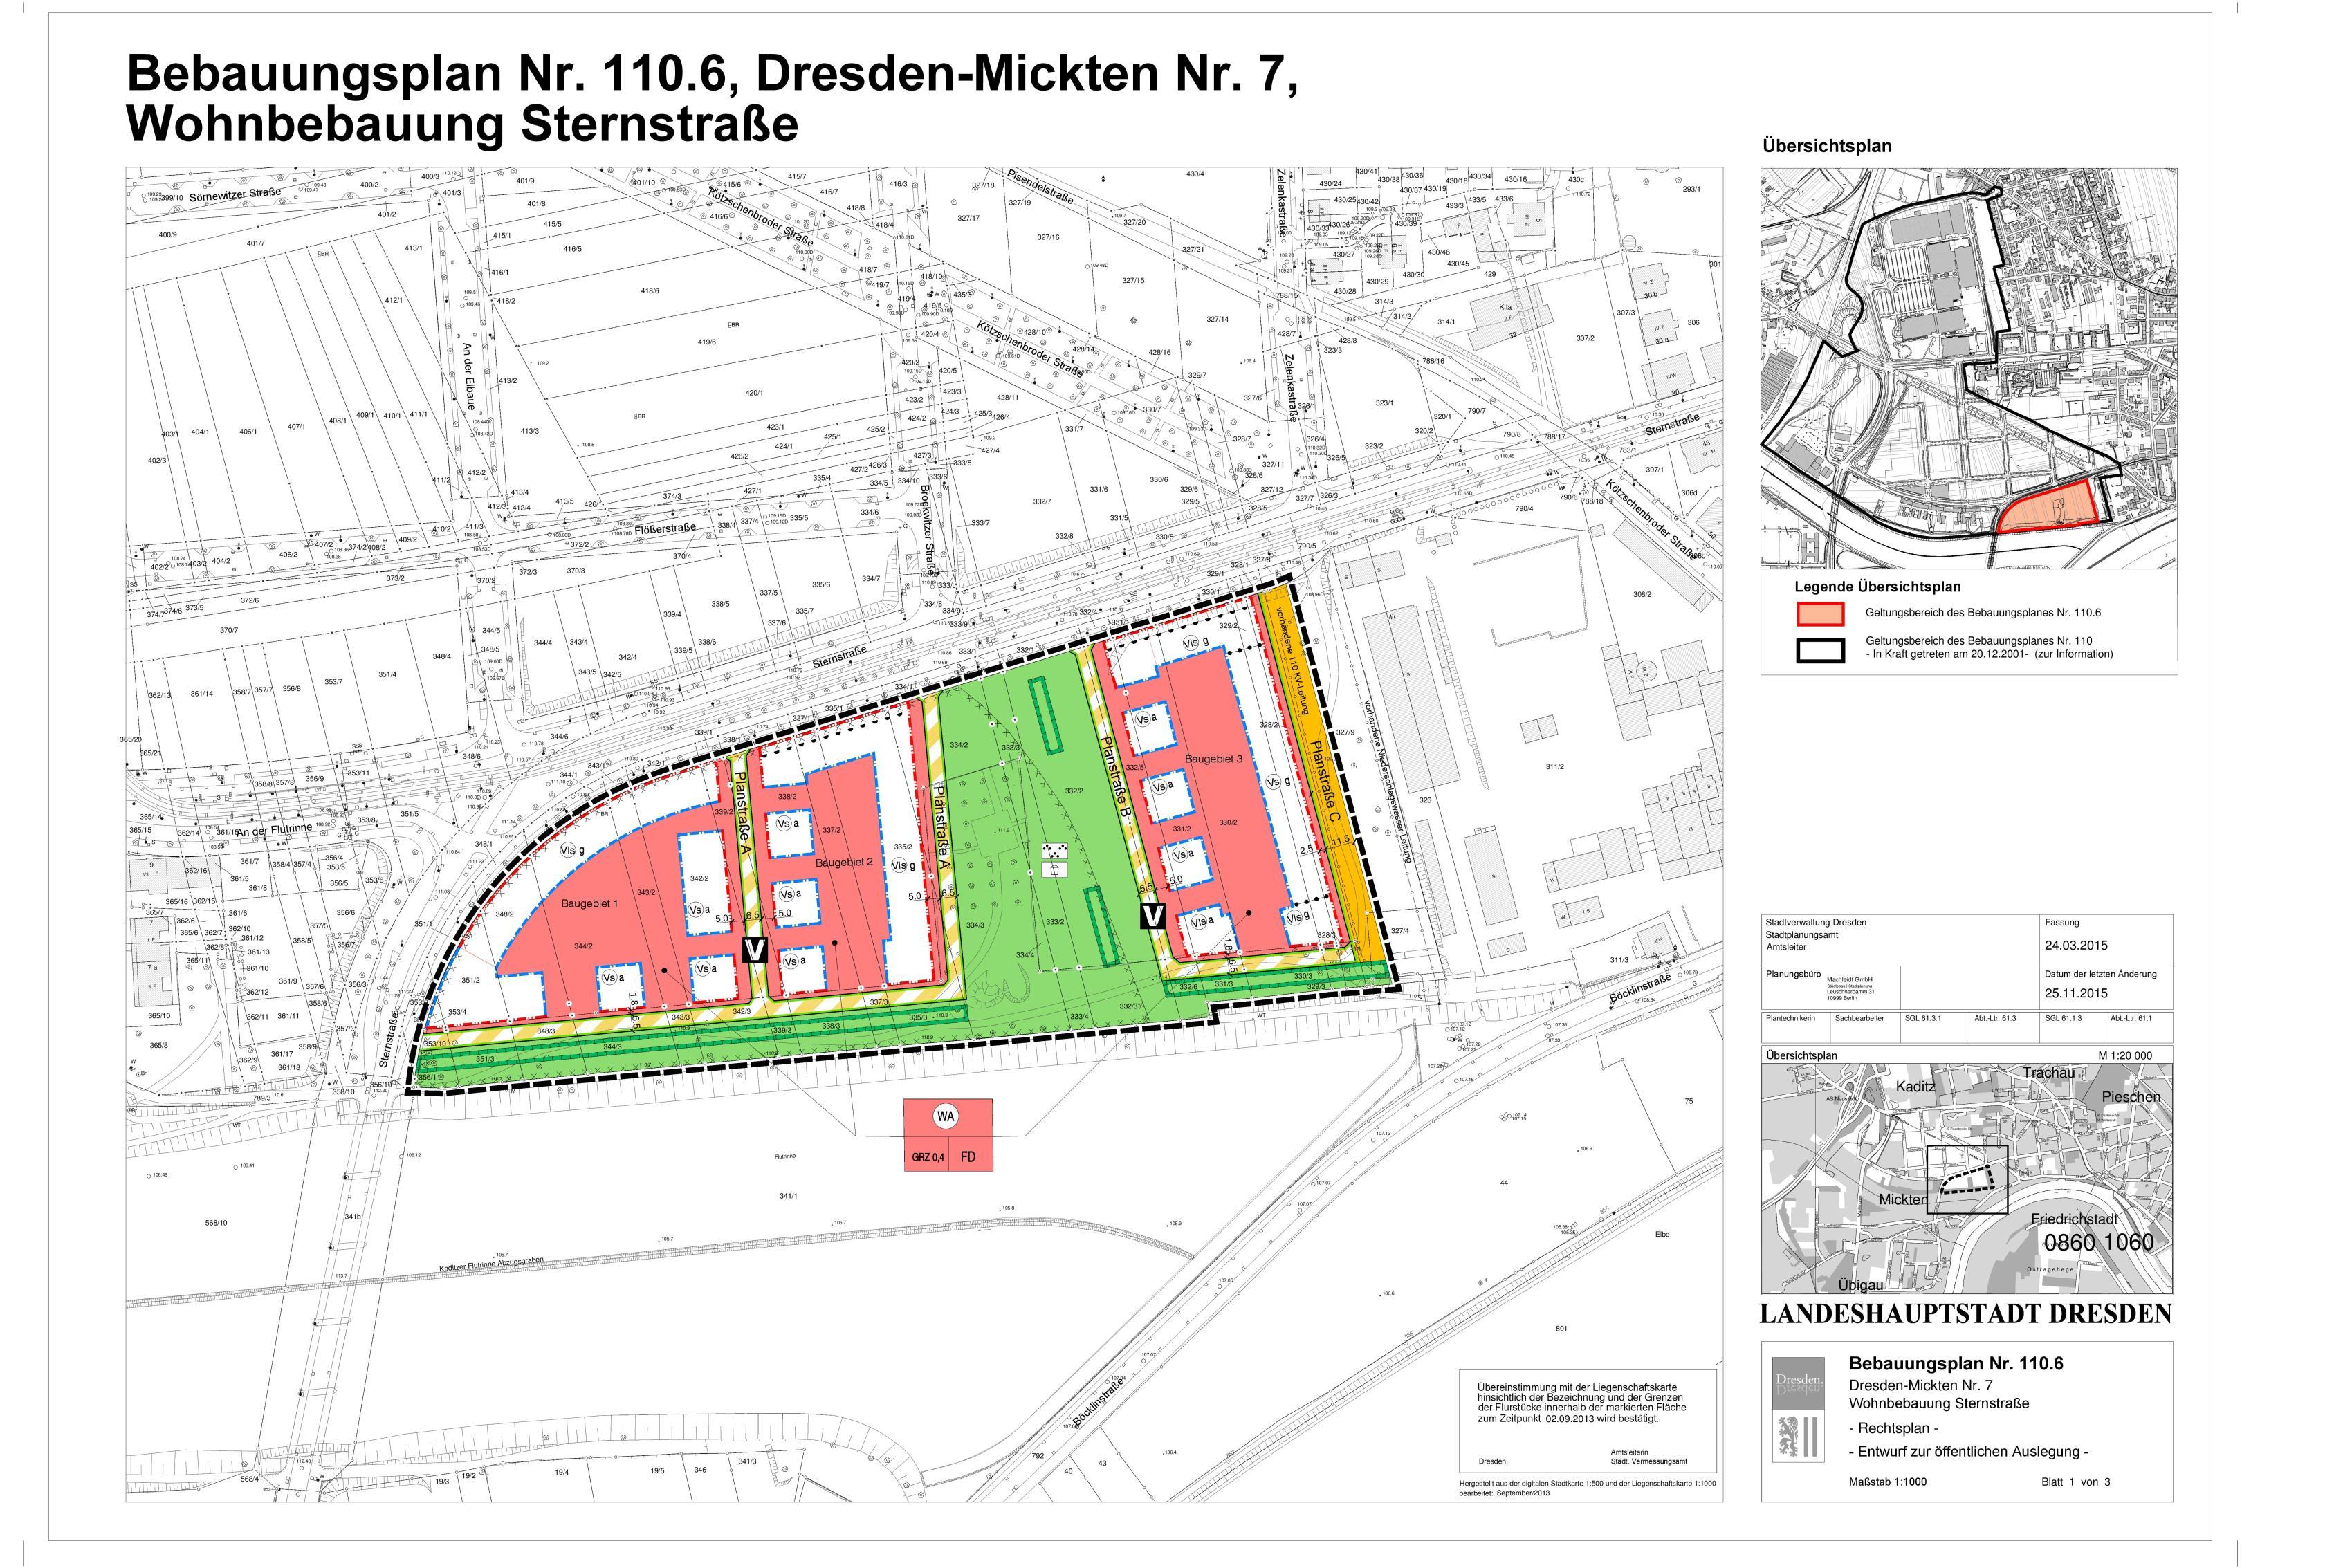 B-Plan 110.6 Auslagefassung